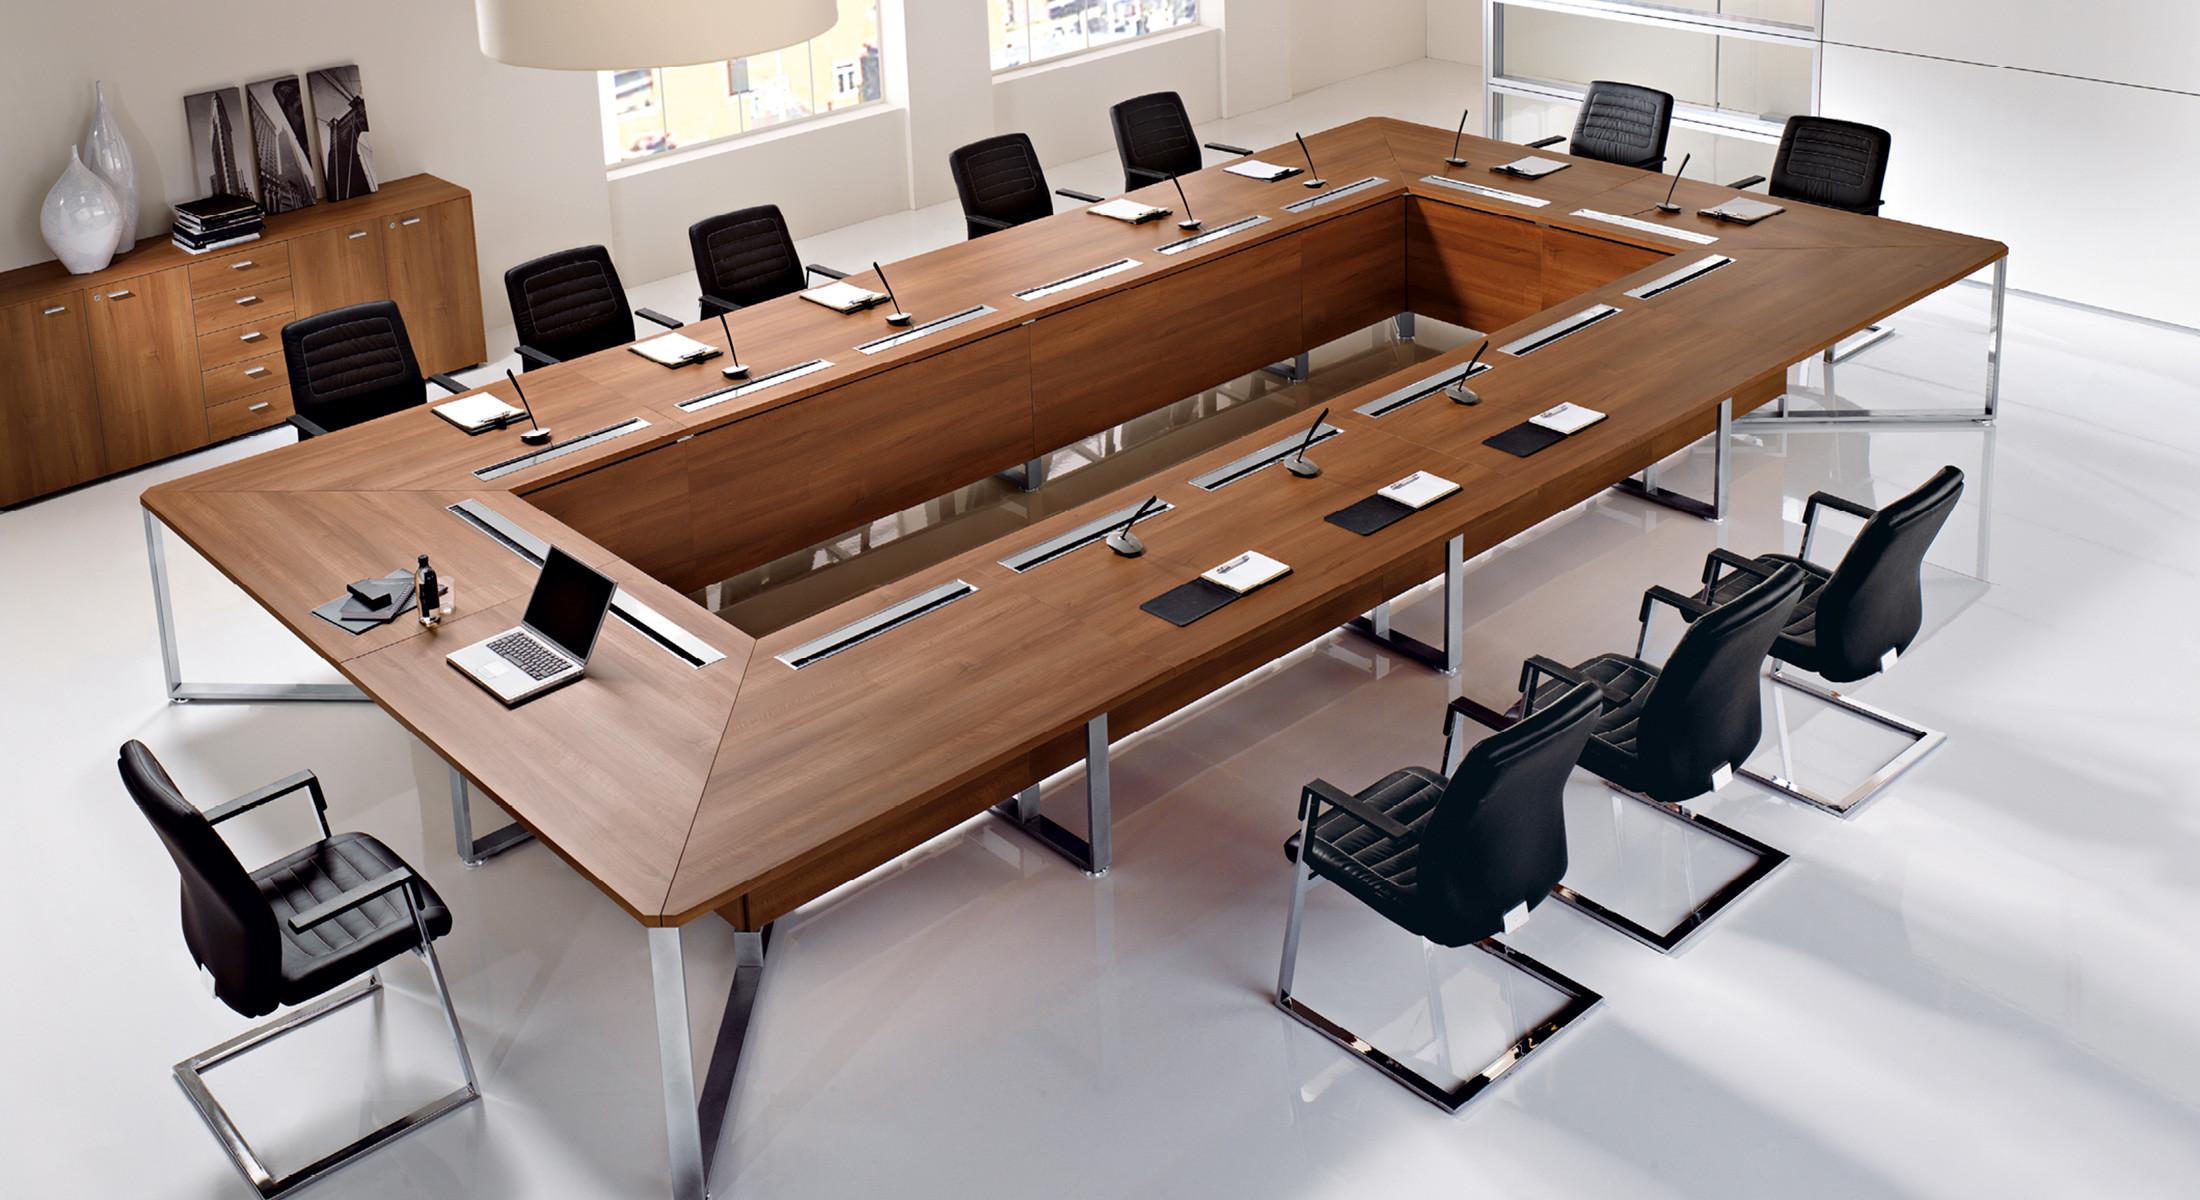 Tavoli riunione per ufficio tavoli per meeting contact - Tavoli per ufficio ...